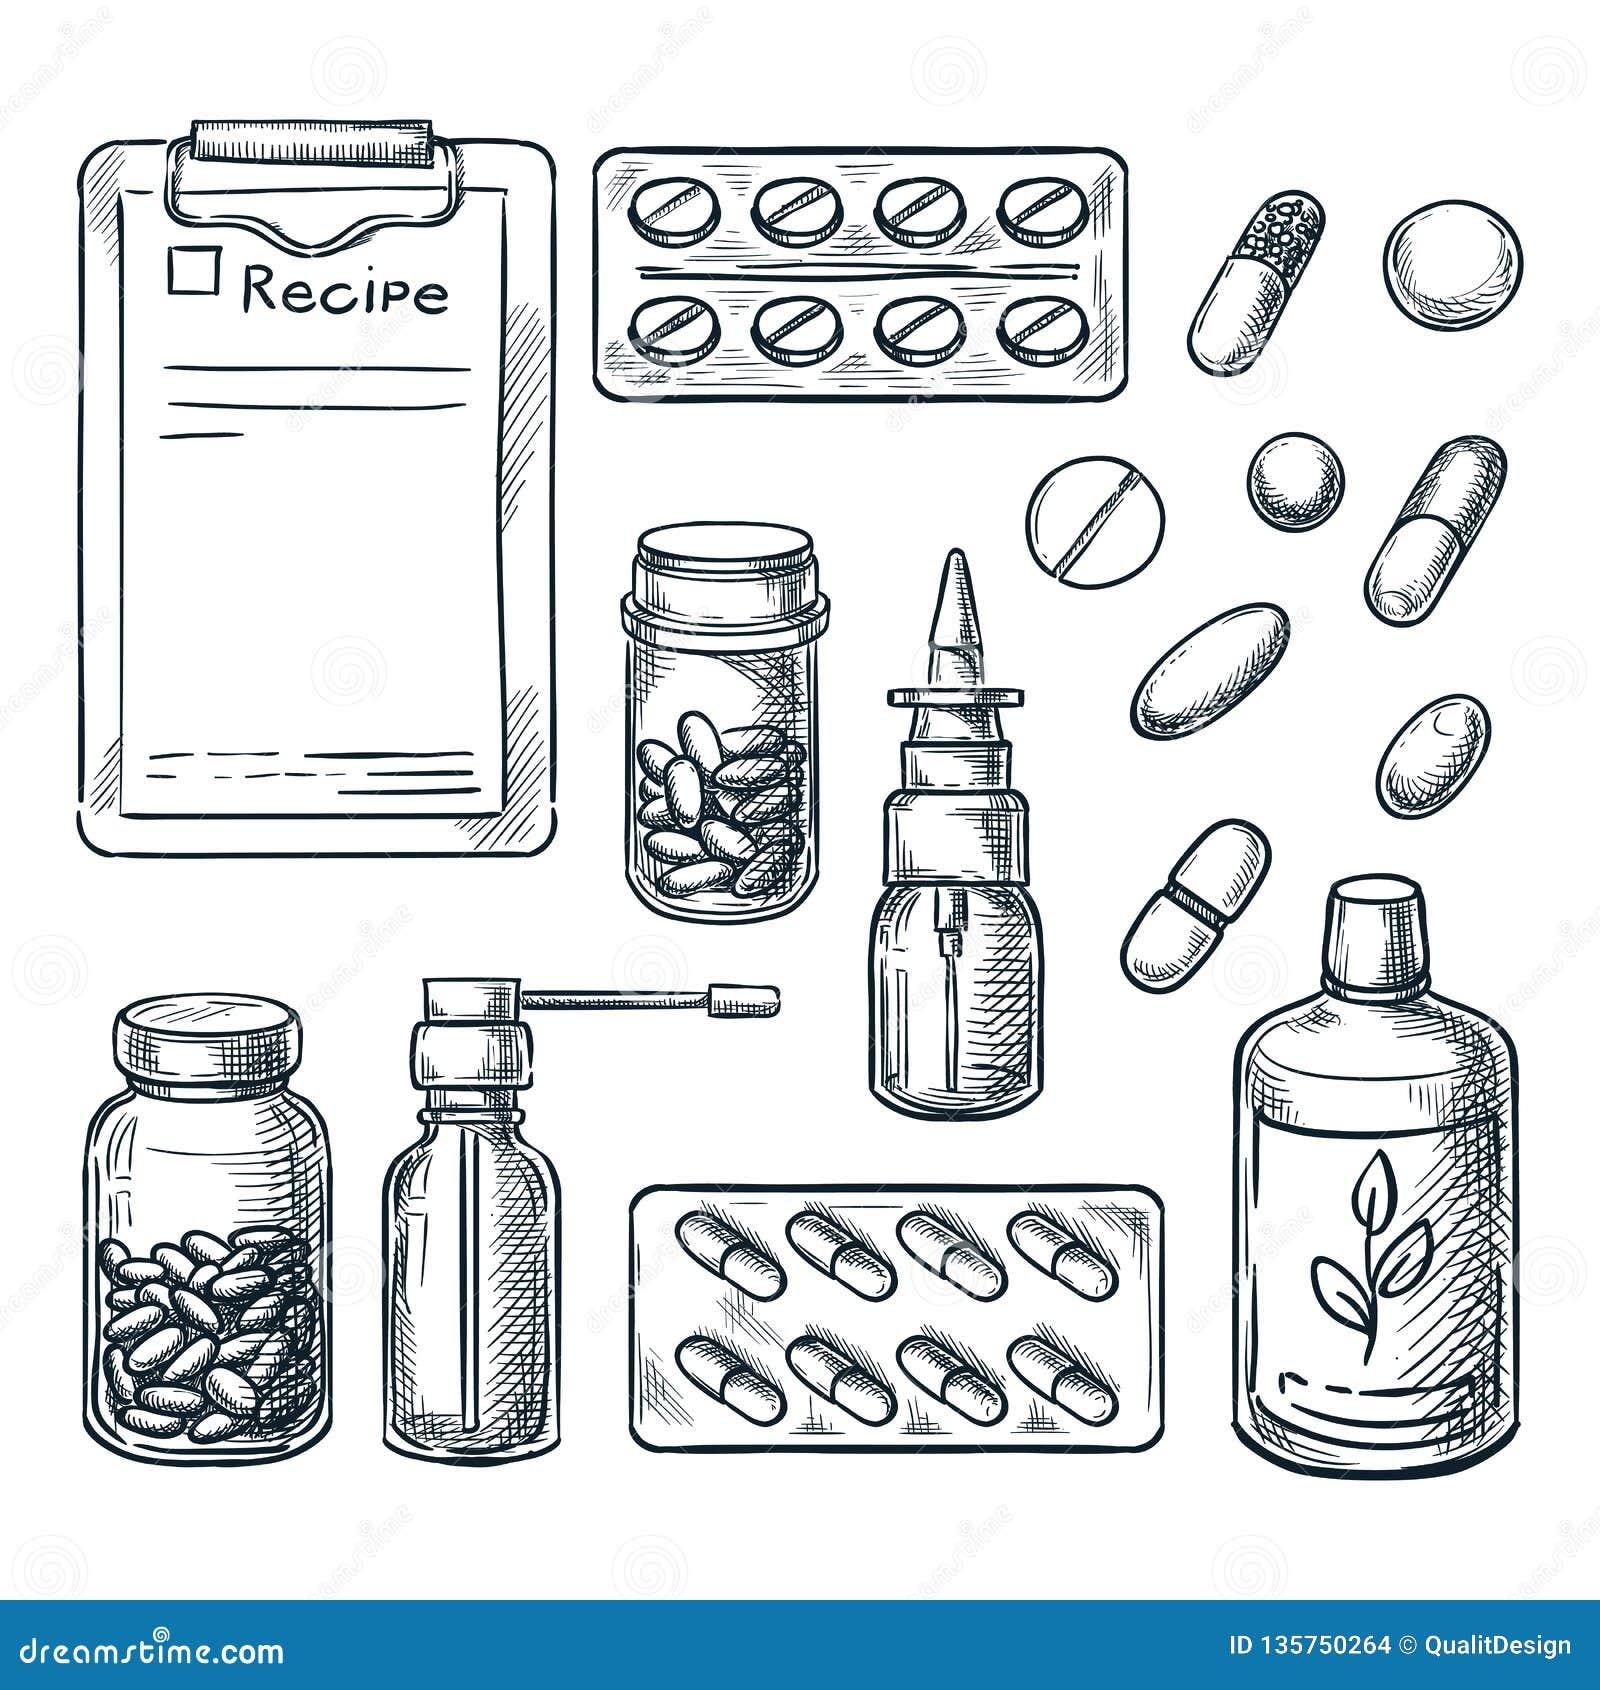 Apotek, medicin och sjukvården skissar illustrationen Piller droger, flaskor, receptdesignbeståndsdelar